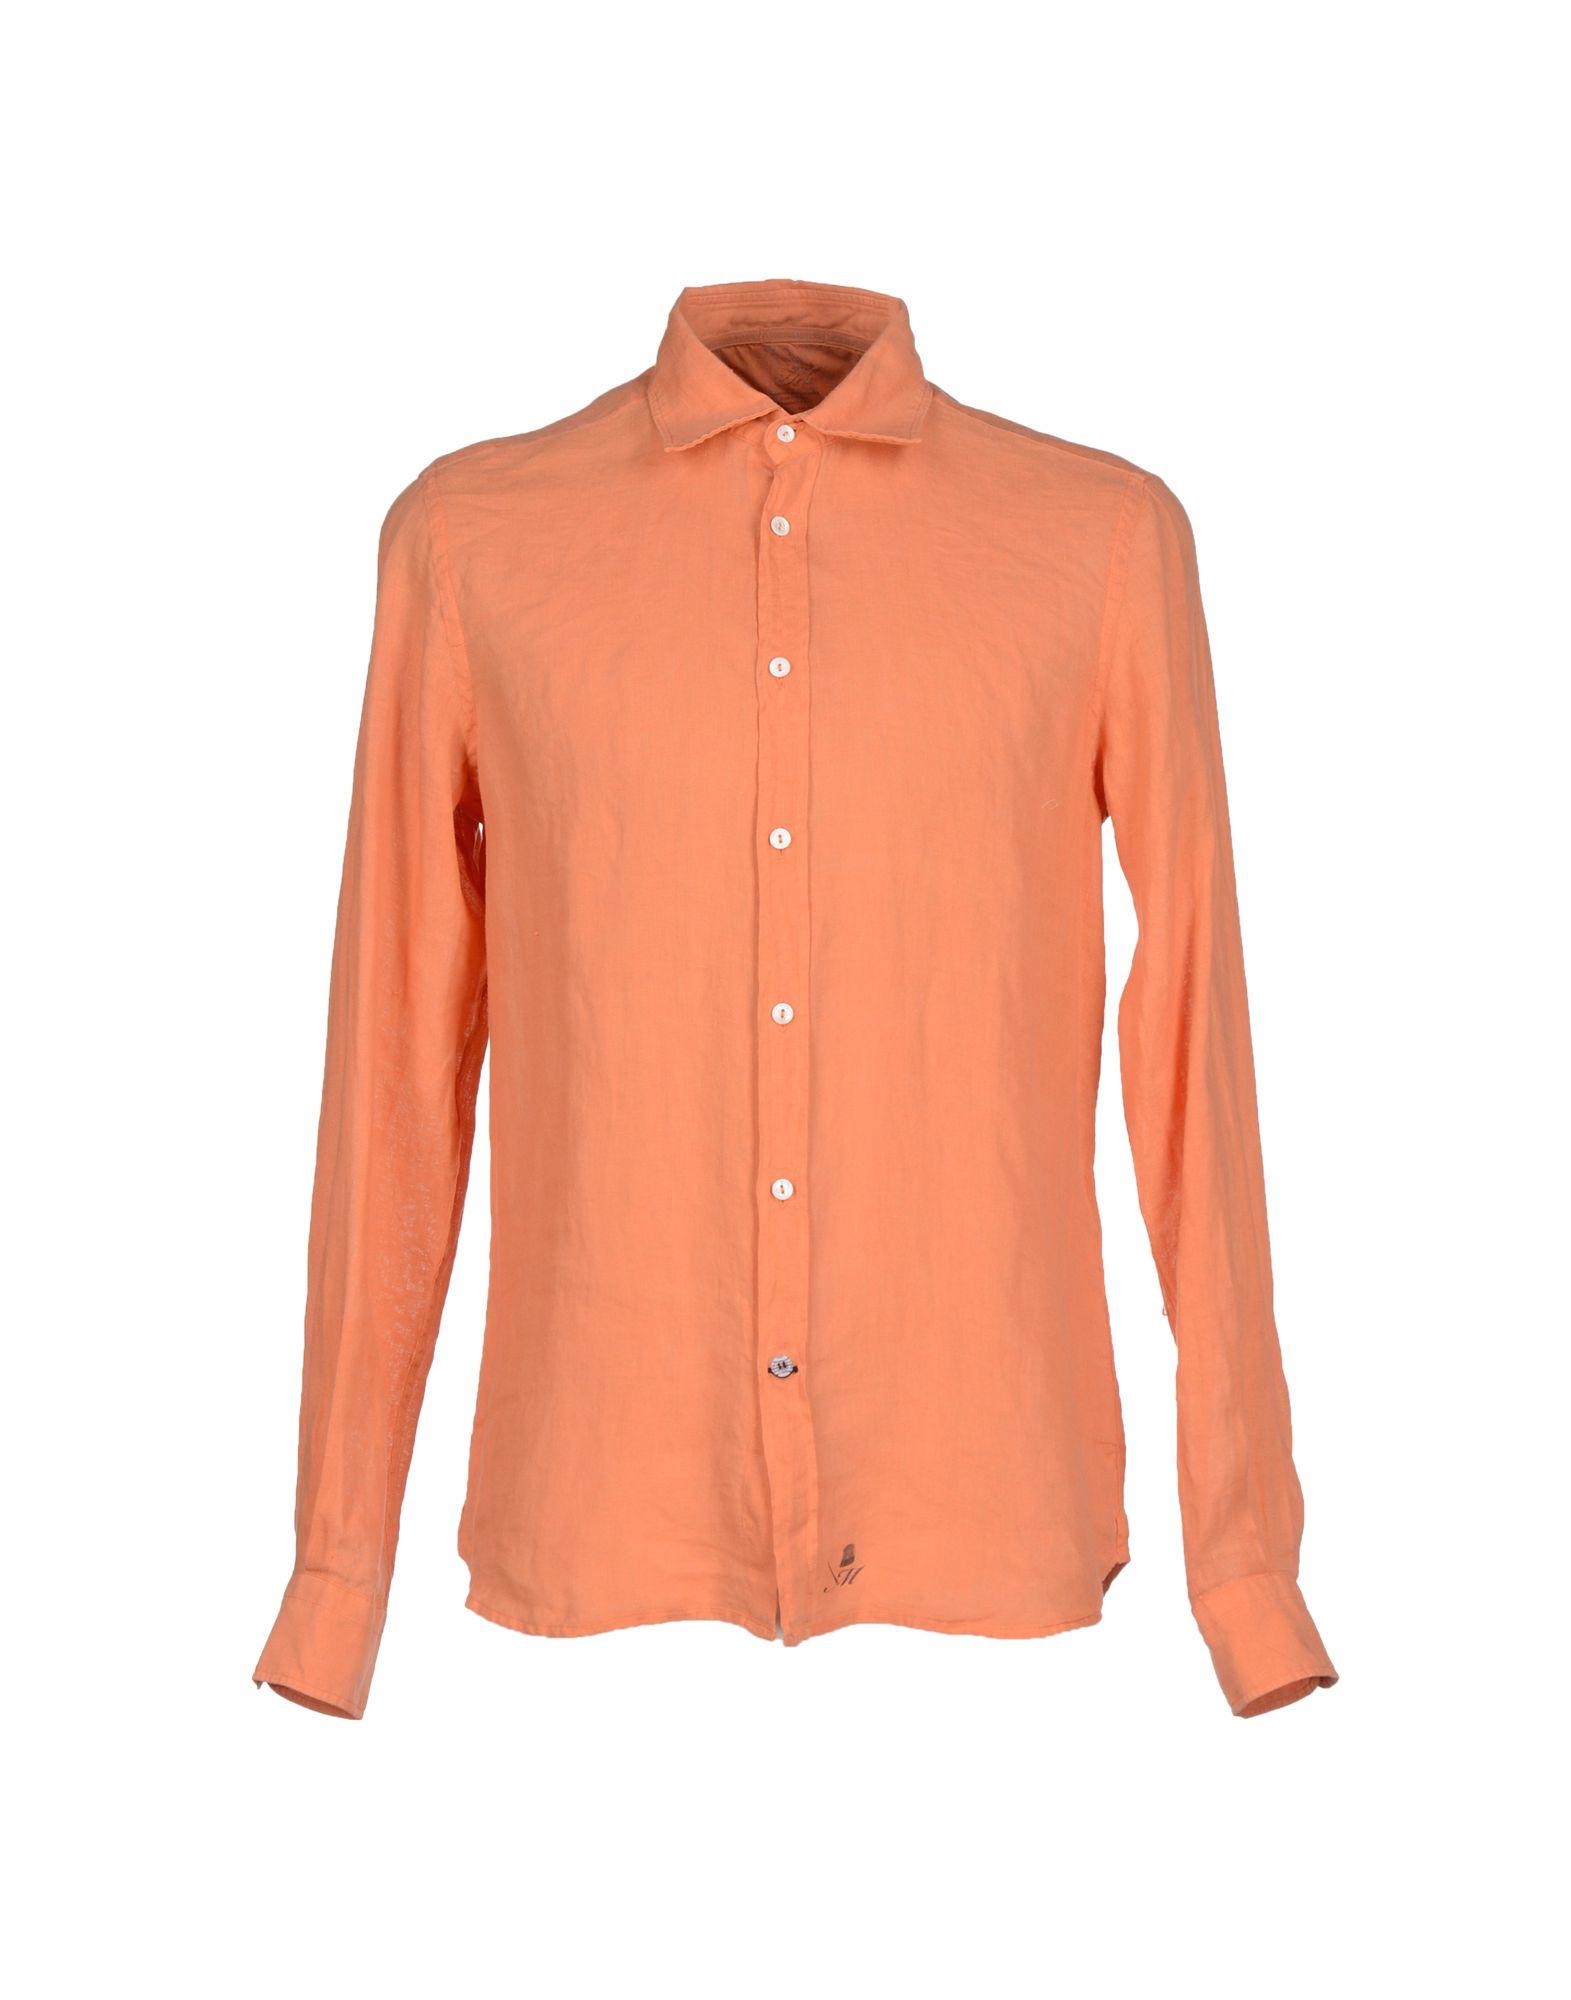 mason 39 s shirt in orange for men lyst